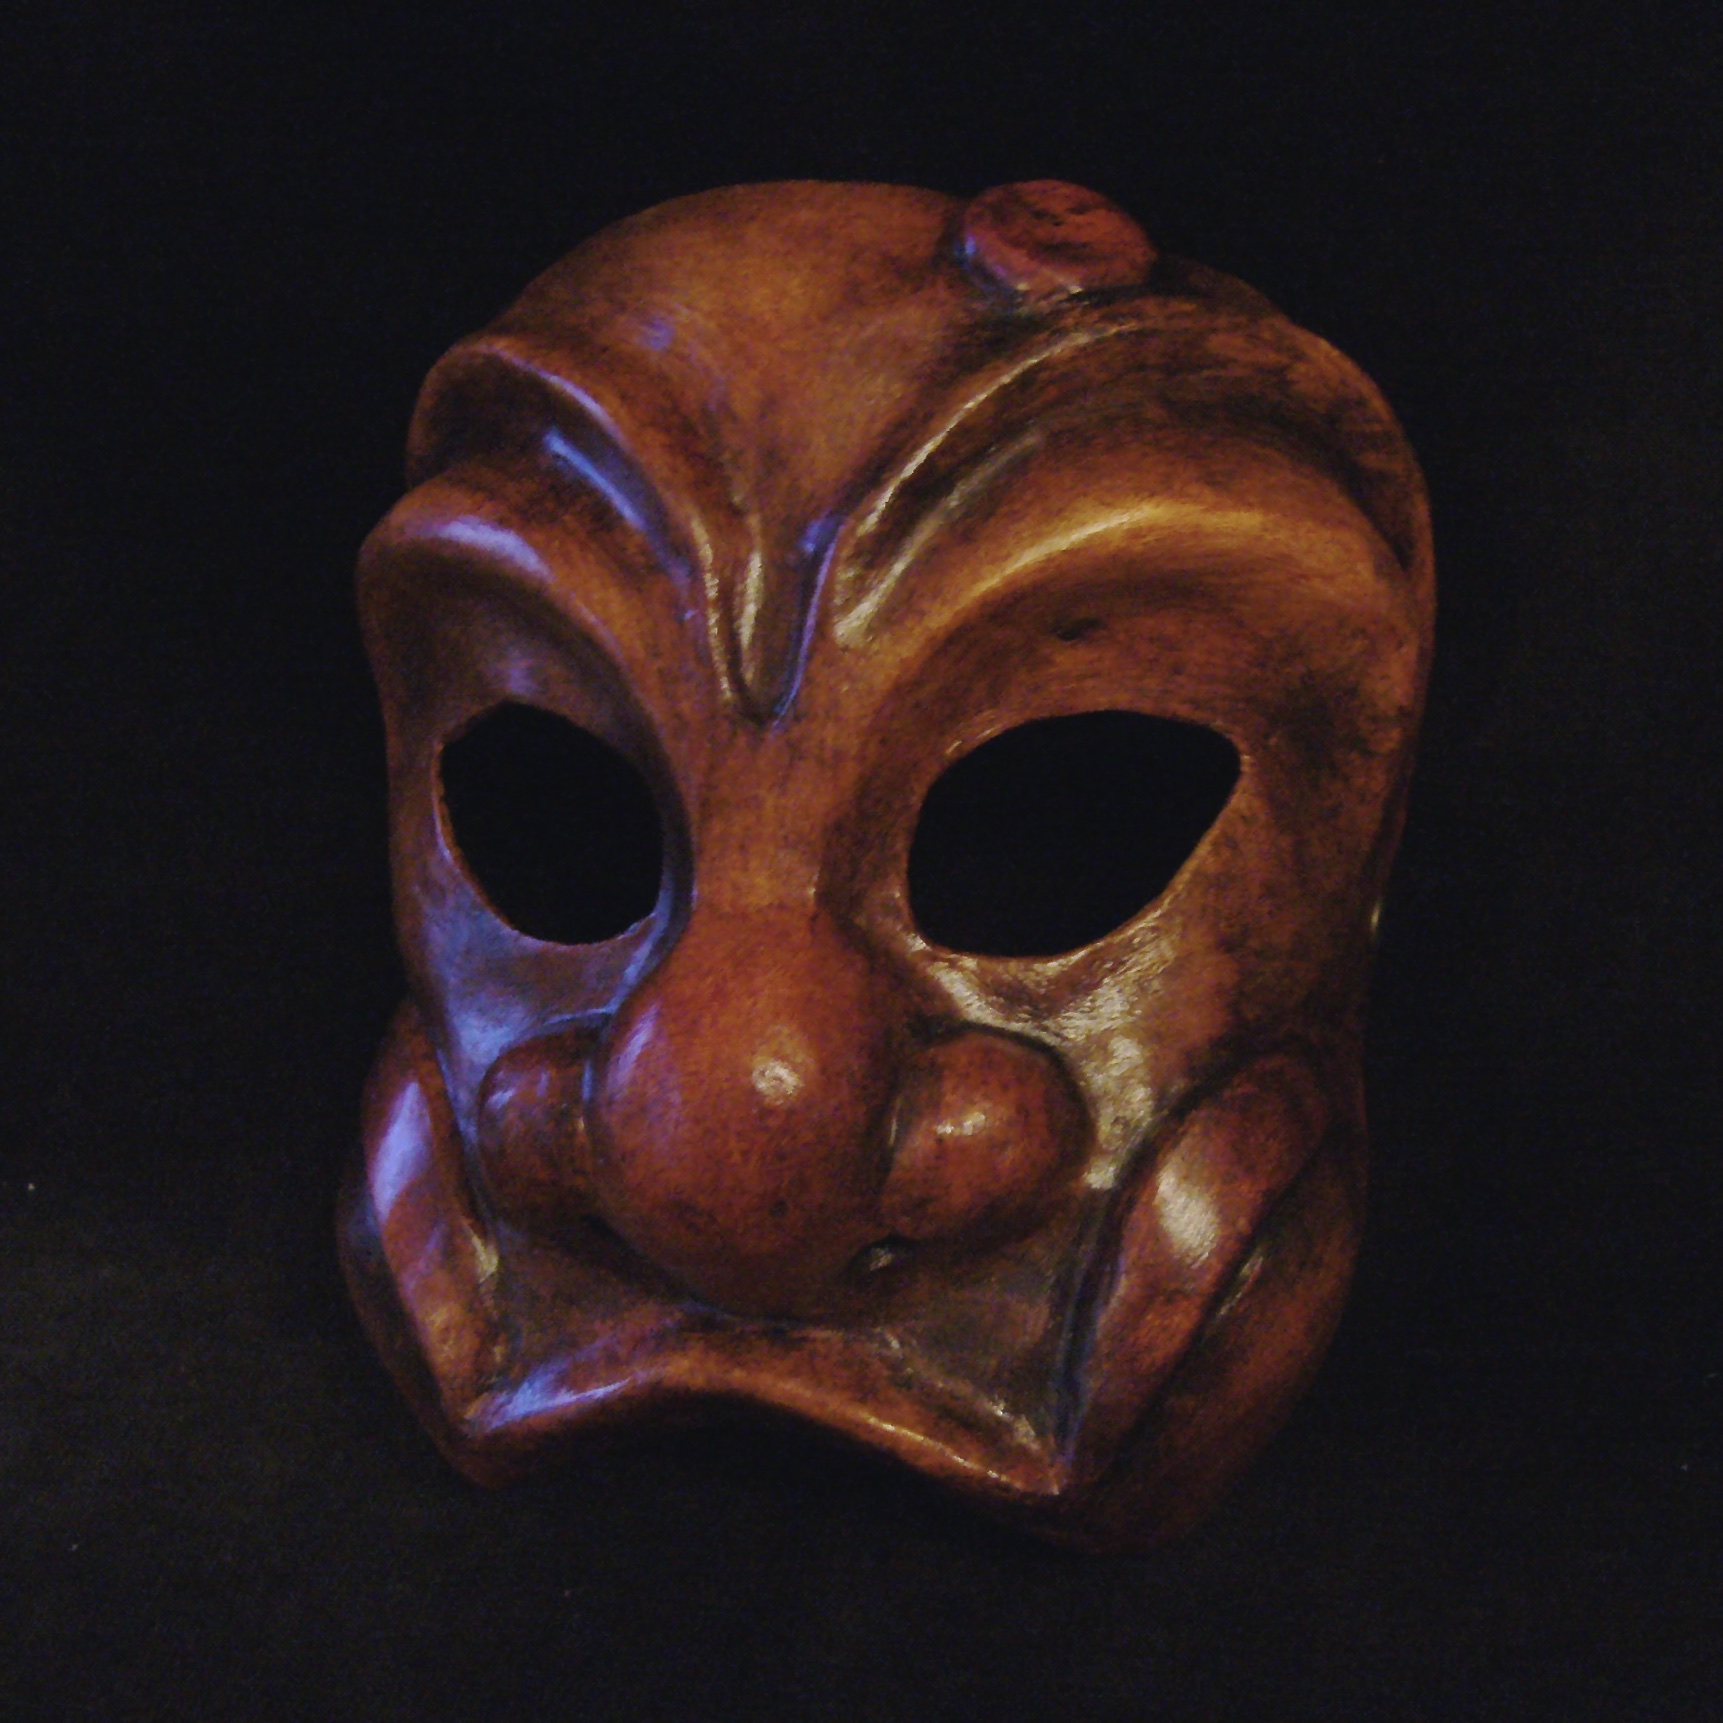 Masque de commedia dell'arte en cuir et papier mâché.